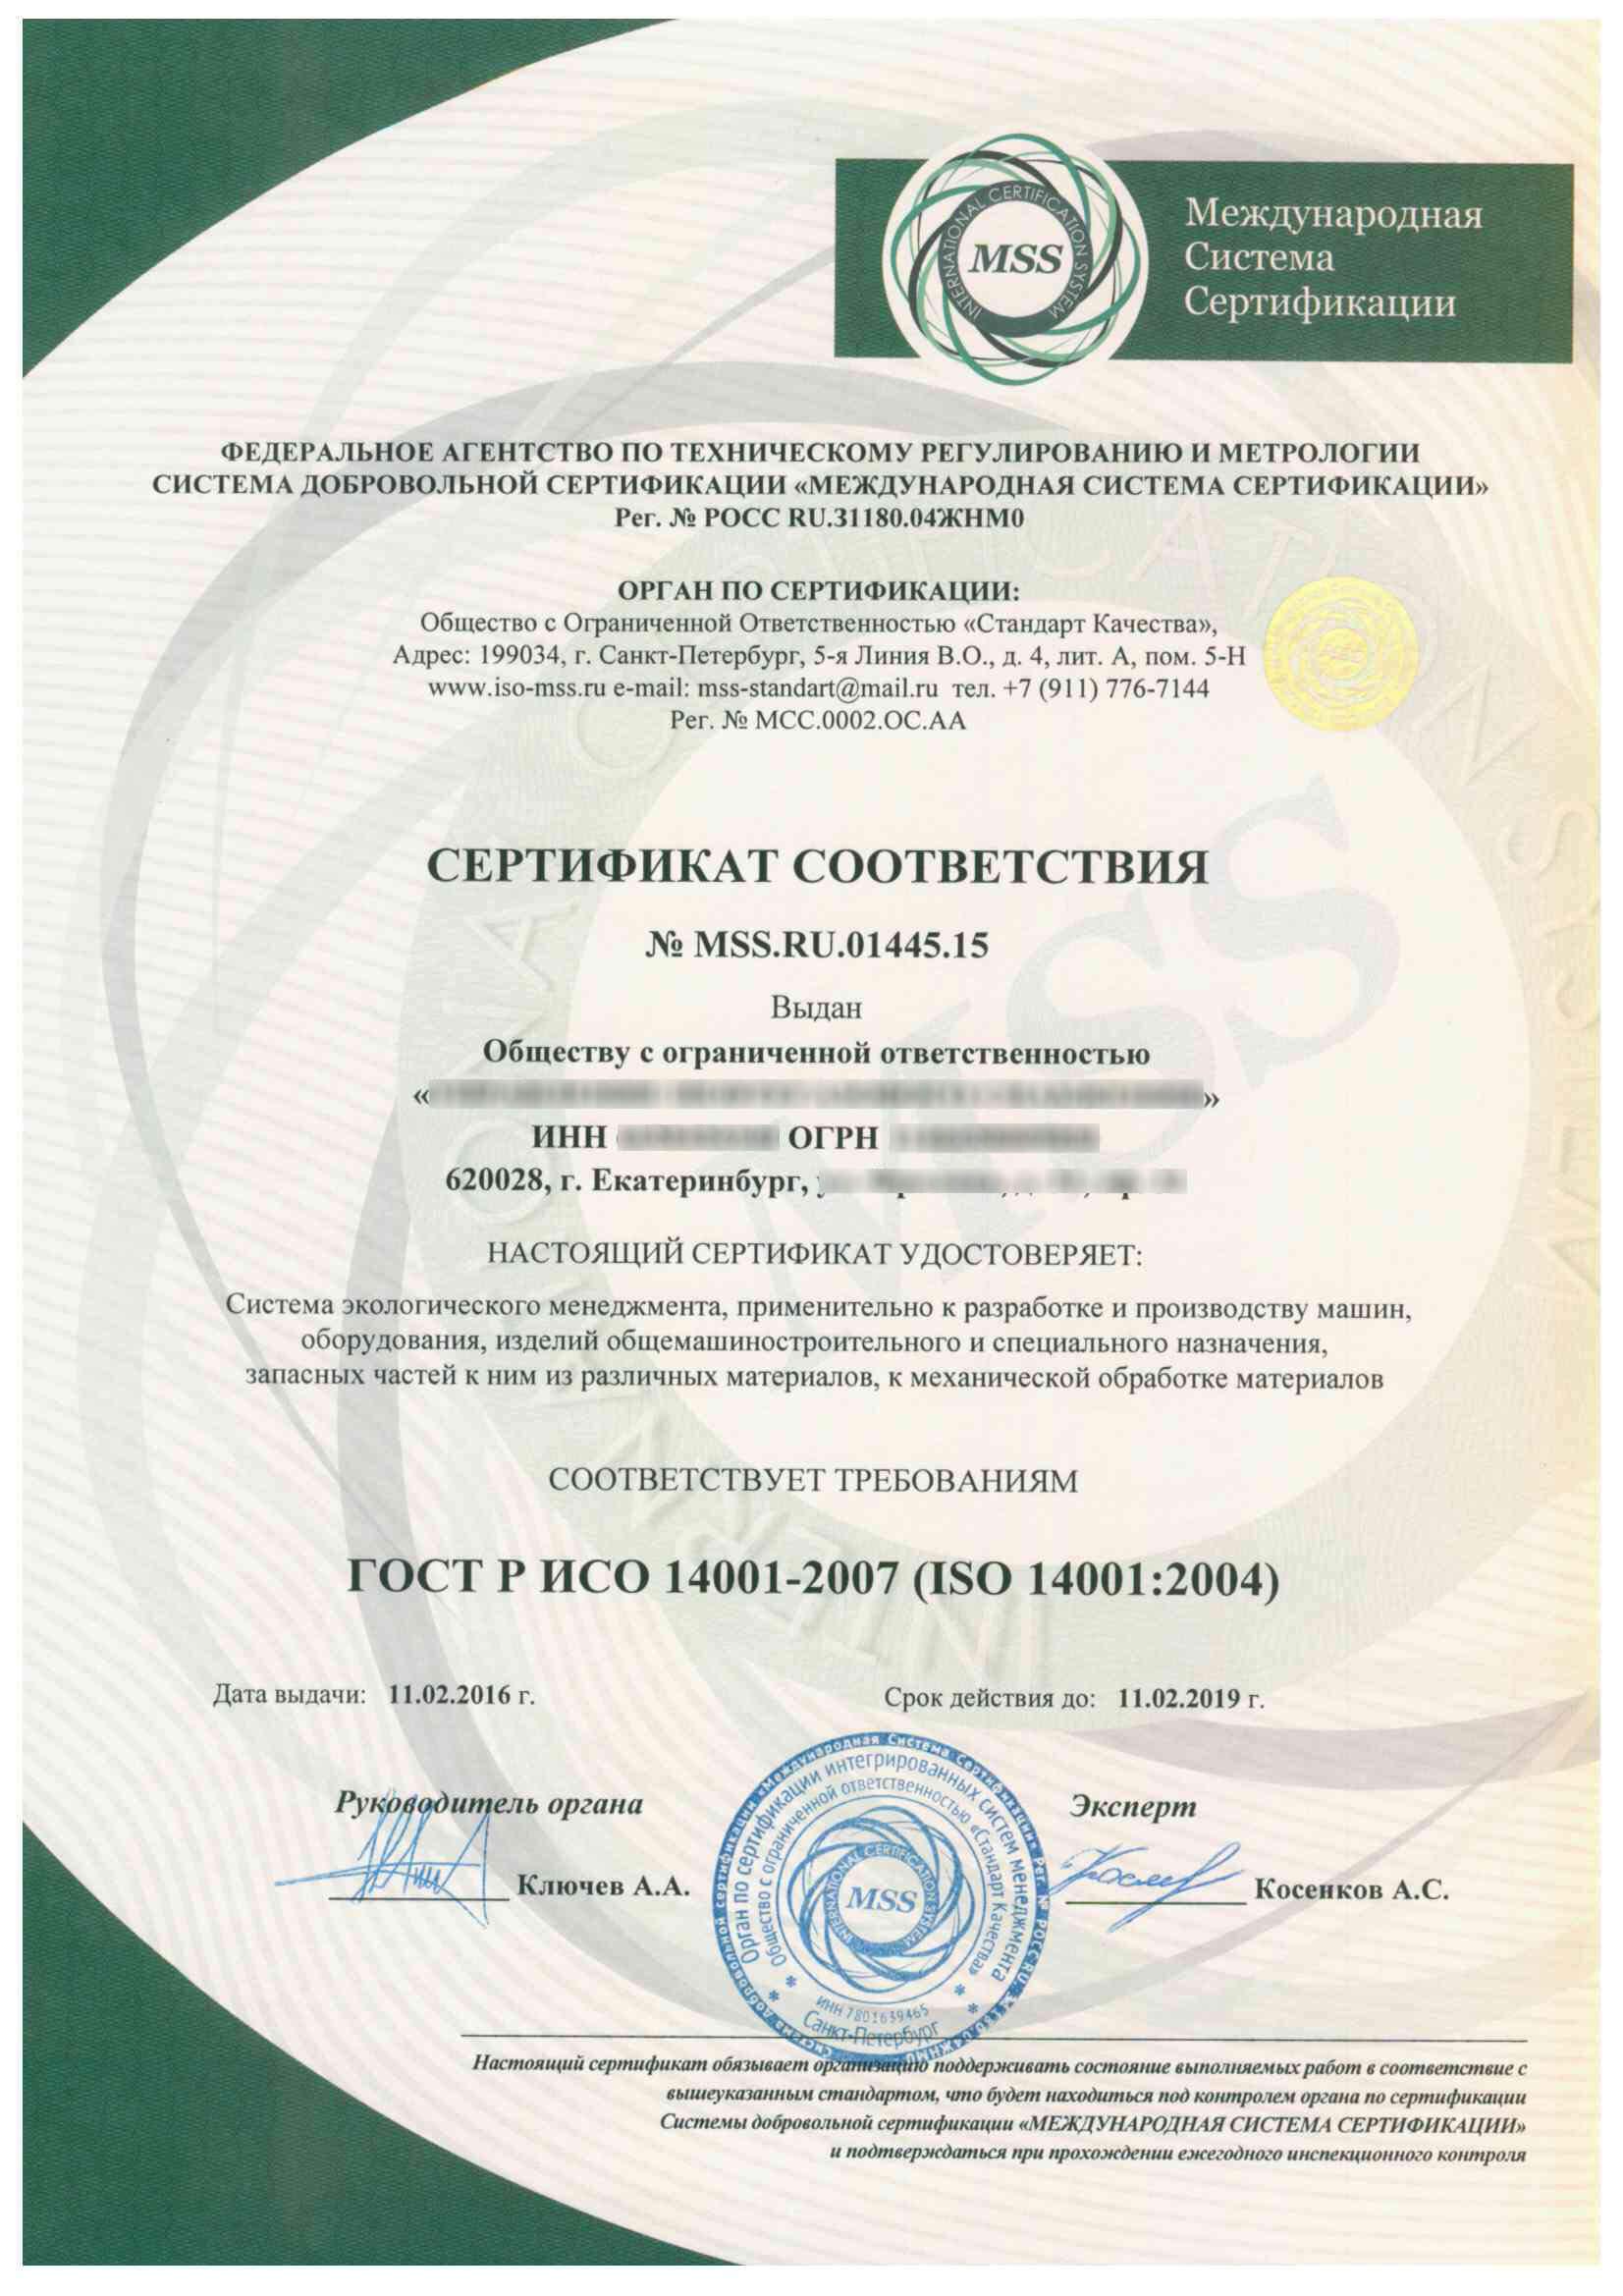 заказать сертификат ИСО 14001 2007 в Чайковском